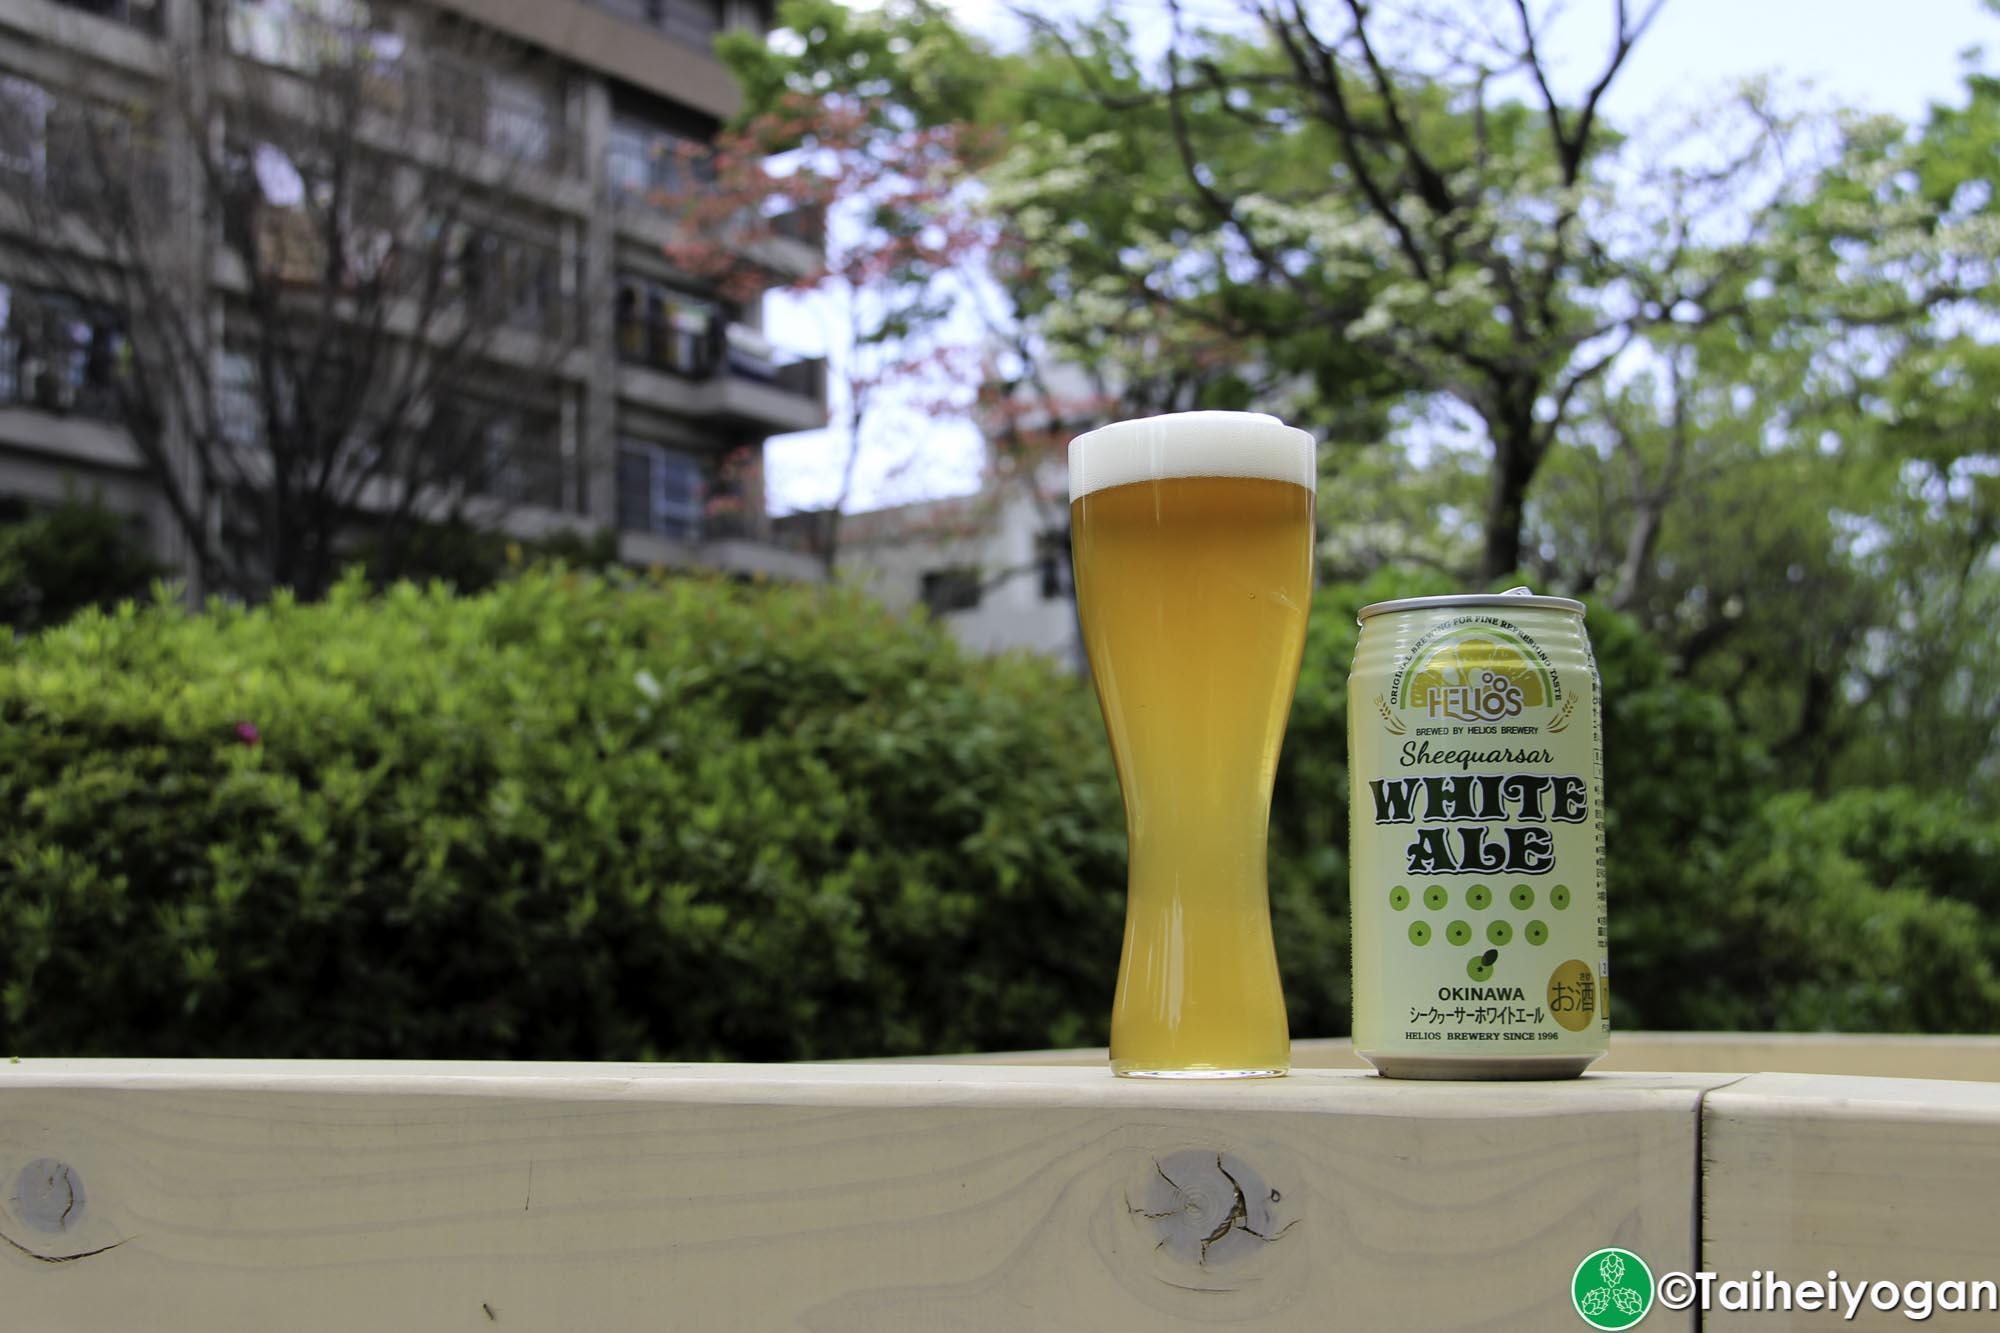 Helios - White Ale